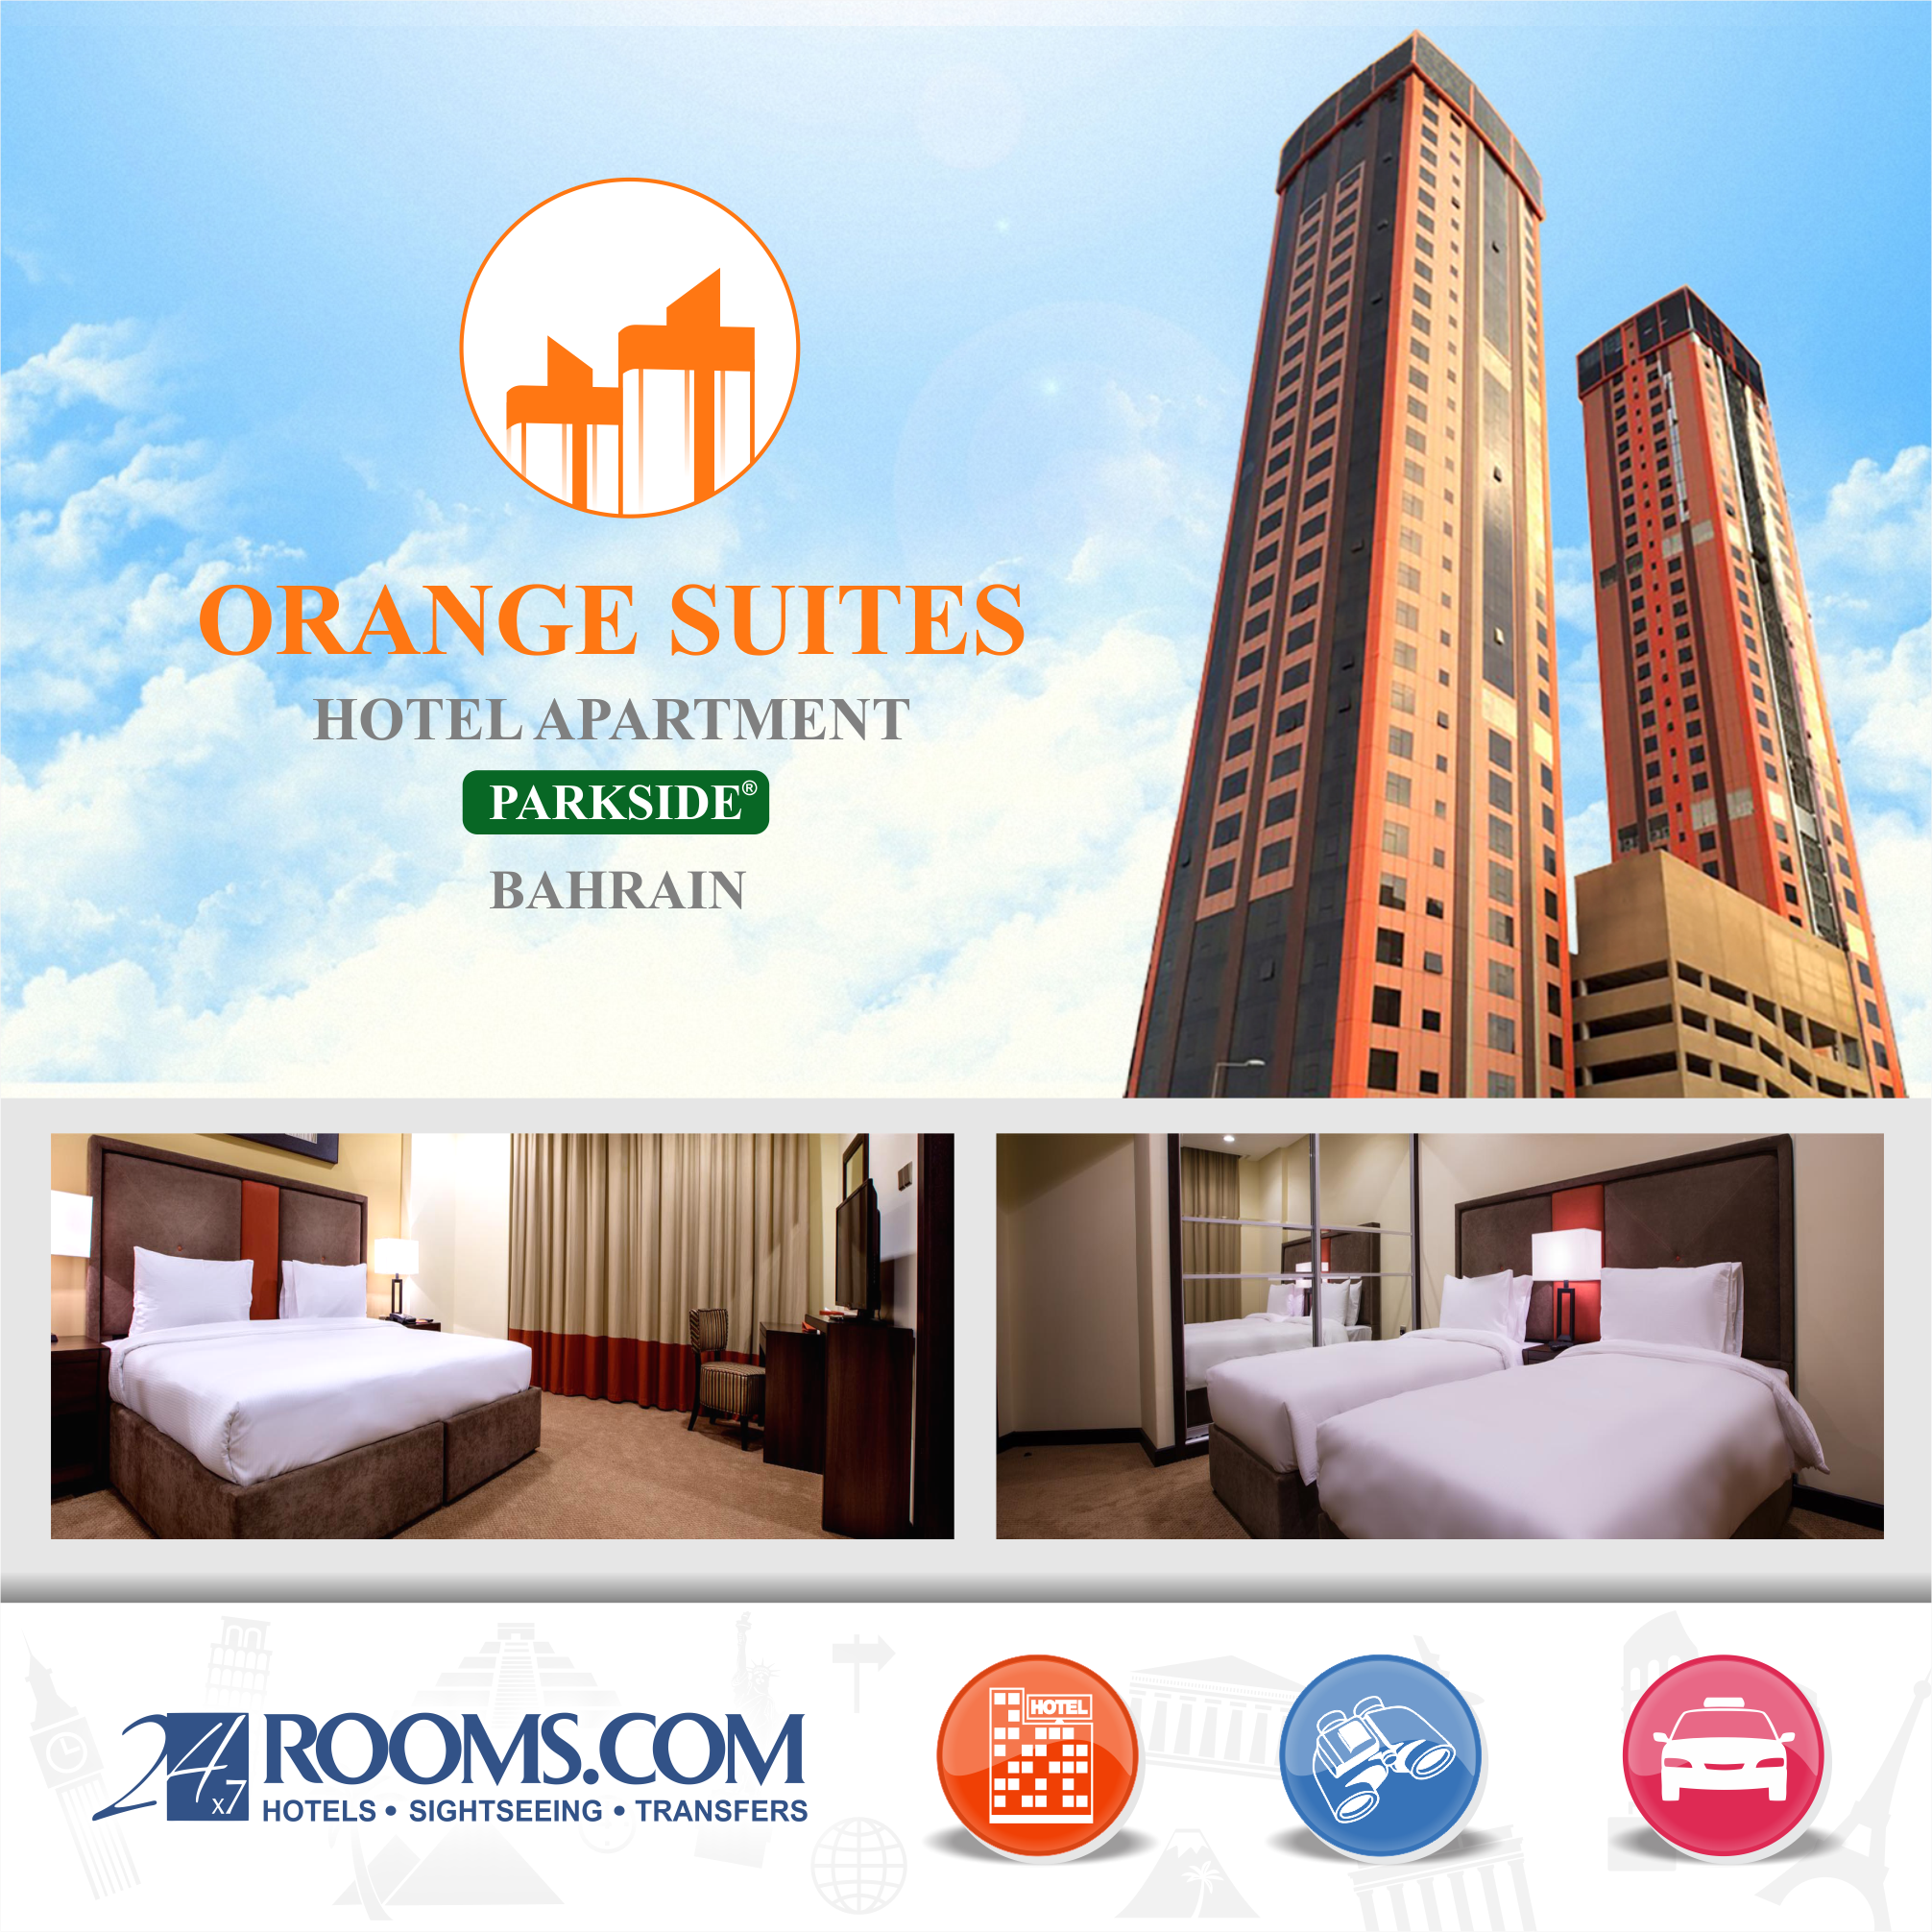 Book Orange Suites Hotel Apartment Bahrain With 24x7rooms Co Uk